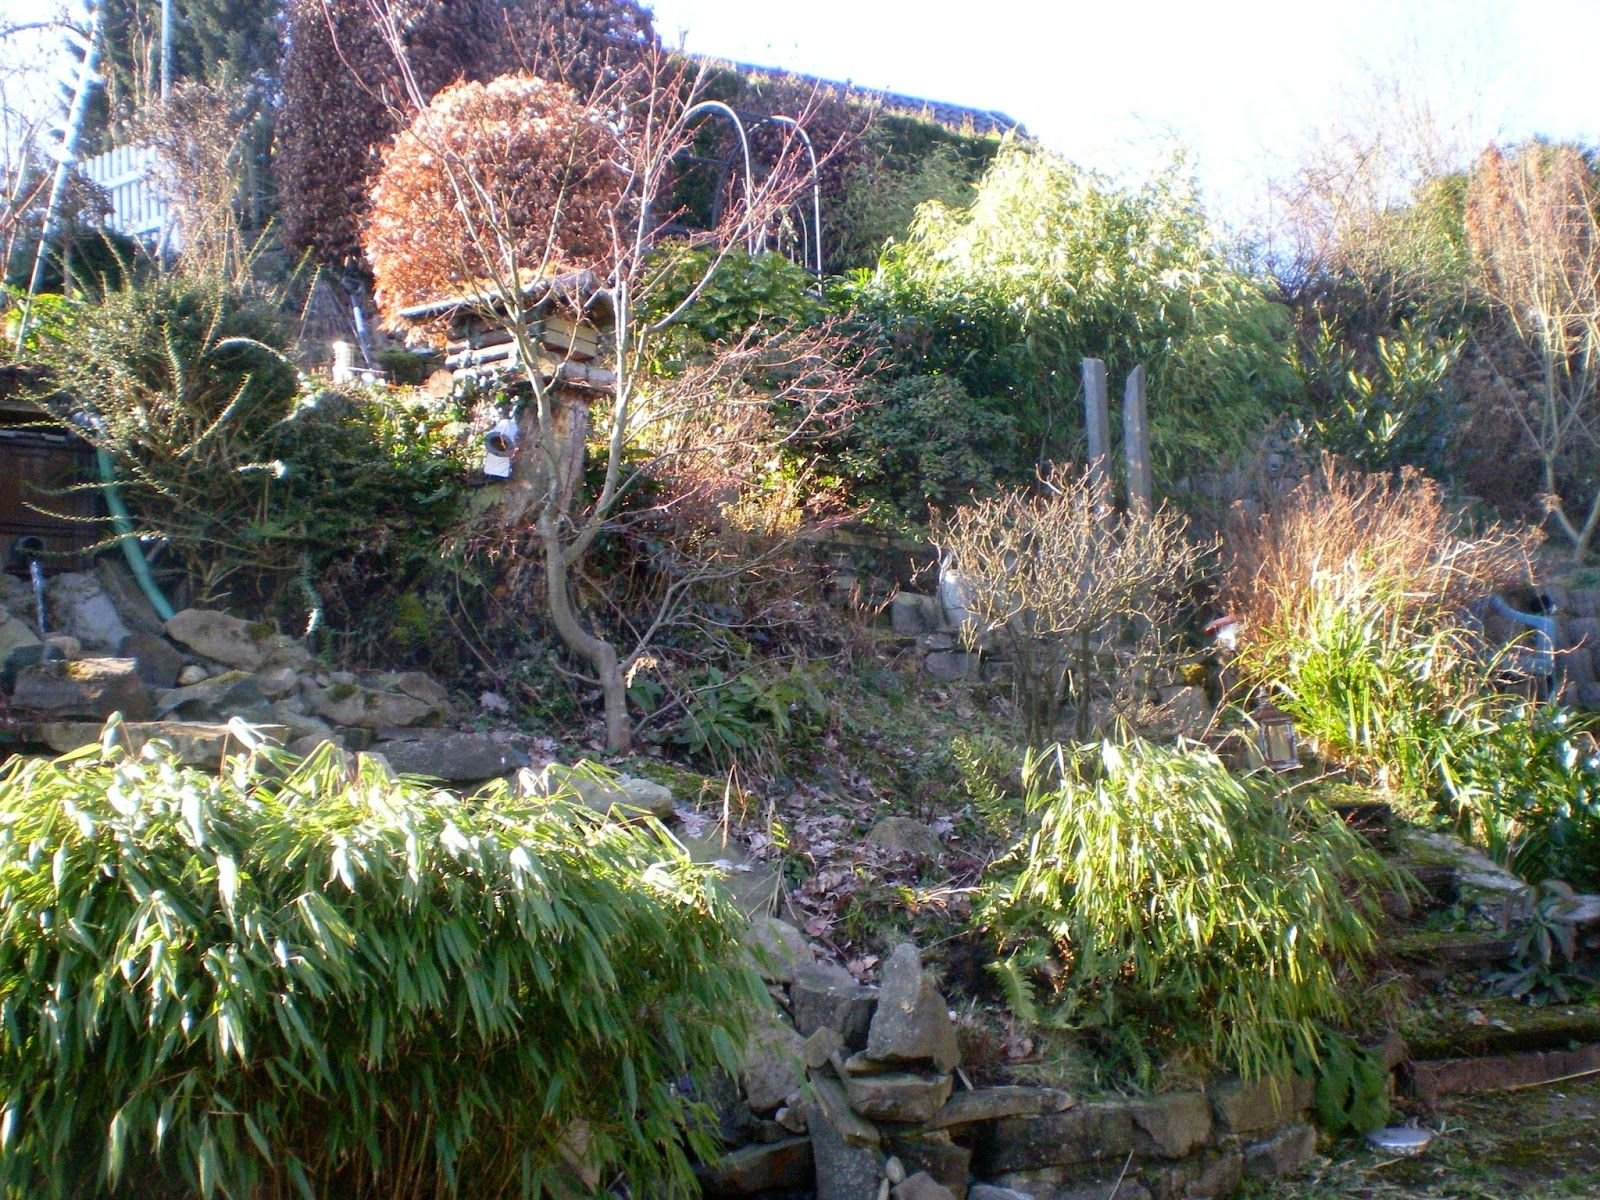 Gartenwahn In Schraglage Fruhhhhhhling Fruhlingsgarten Garten Garten Am Hang